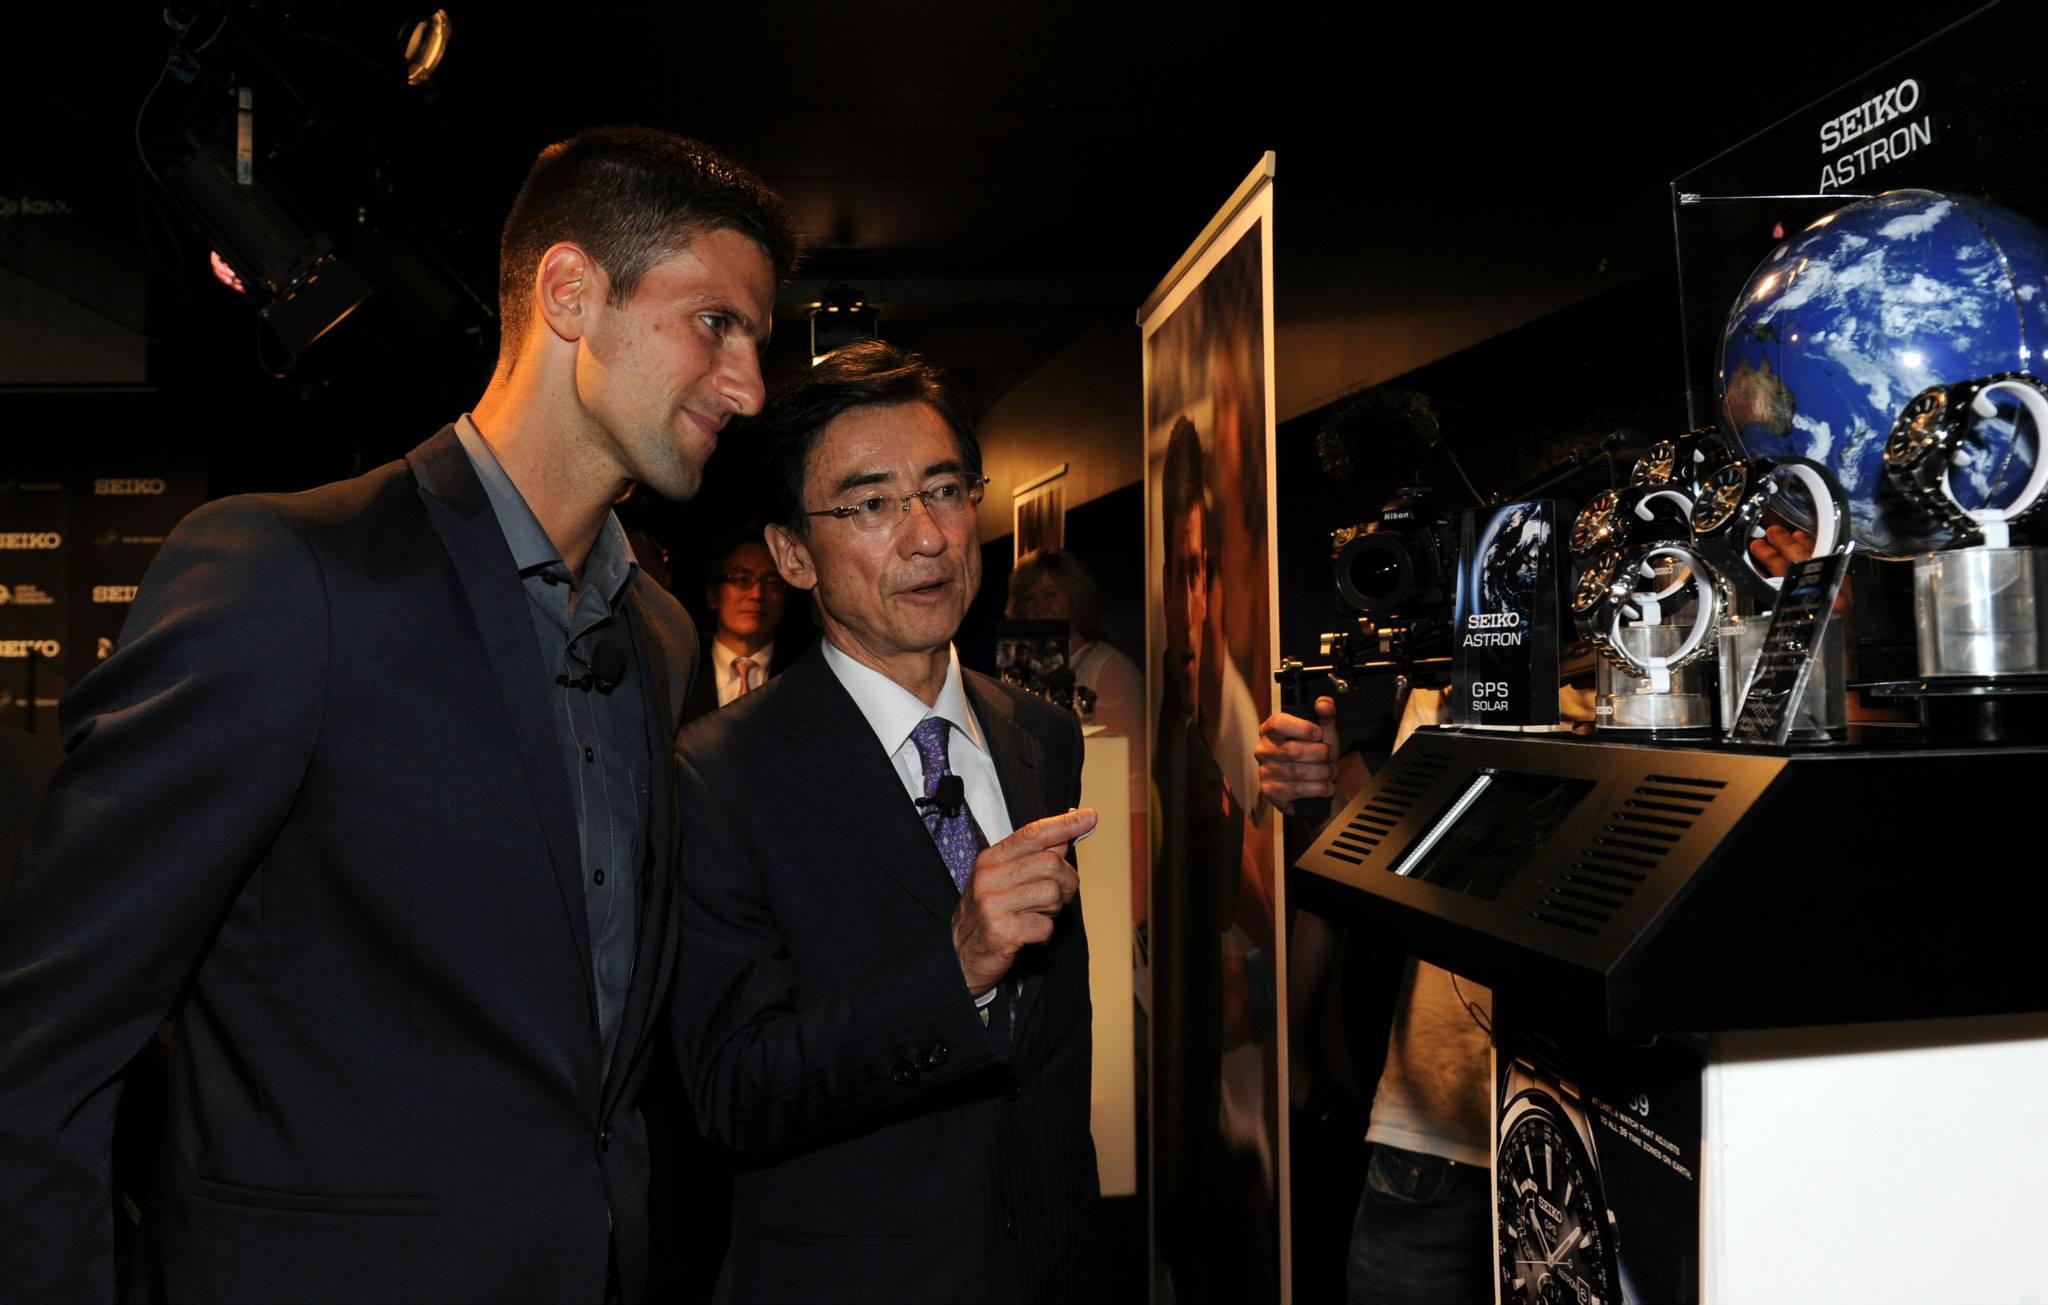 Naziv: Novak-Djokovic-Seiko-satovi-ambasador-brenda-2.jpg, pregleda: 229, veličina: 178,2 KB